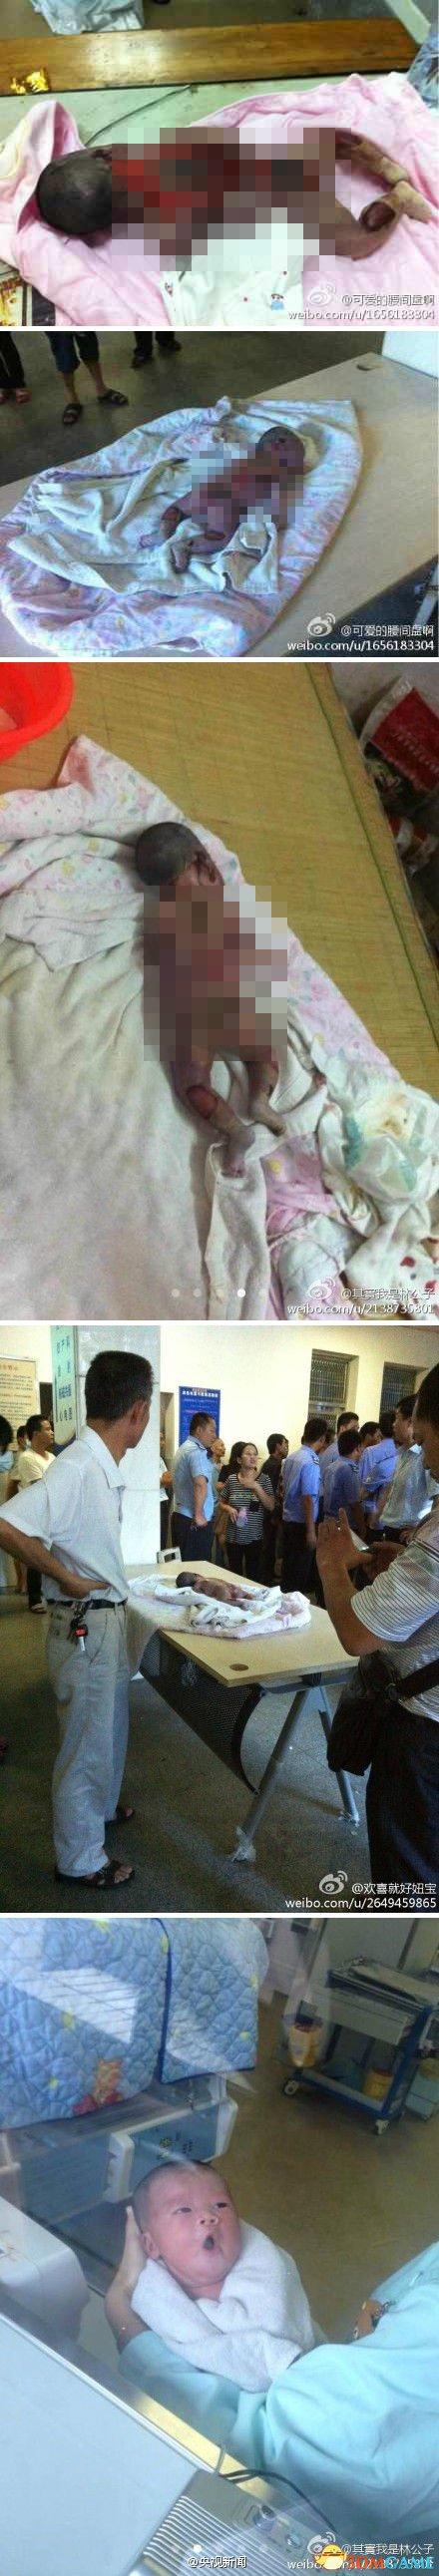 巴黎人游戏注册网址:新生婴儿疑在保温箱被烤死 院方称因感染病故